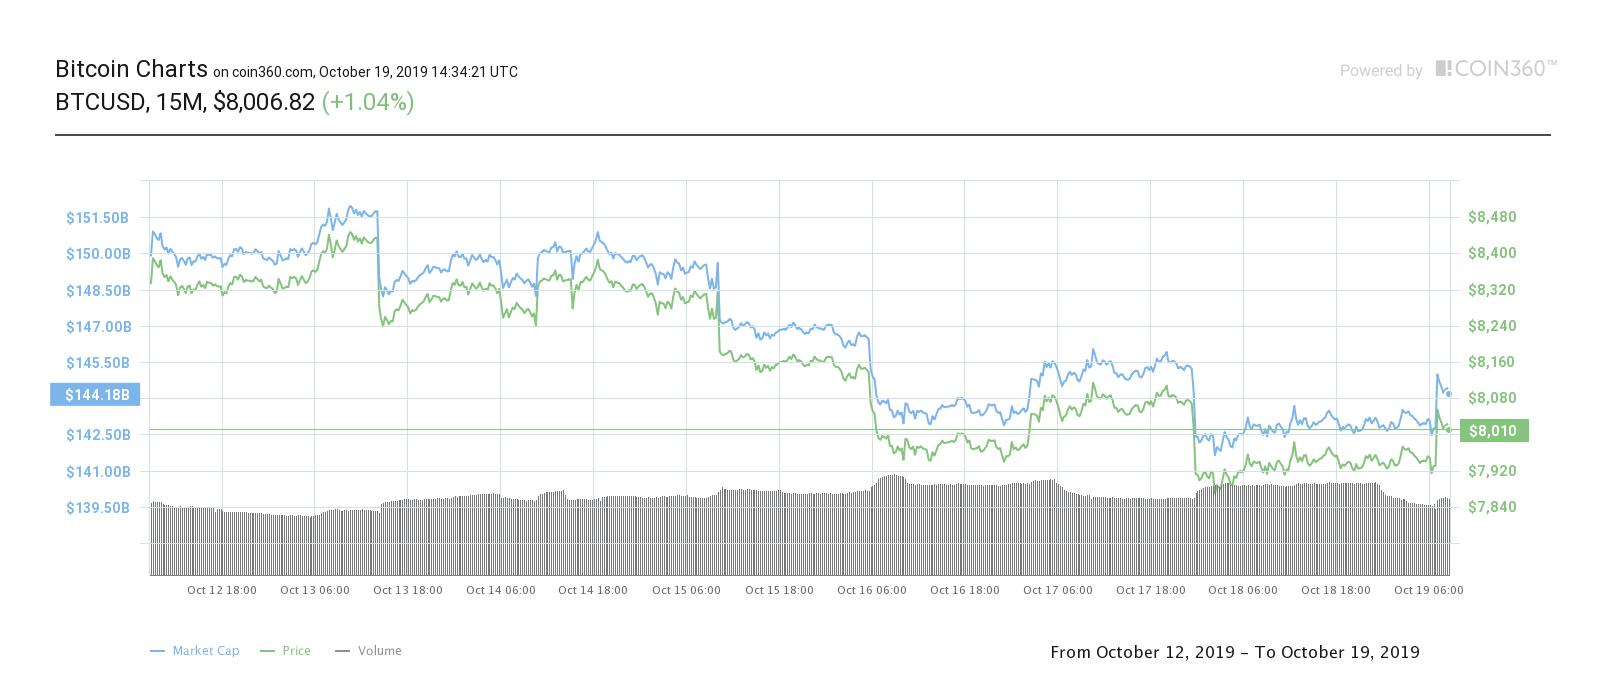 Bakkt Strives For Major Revival As Bitcoin Trading Volume Sinks Further